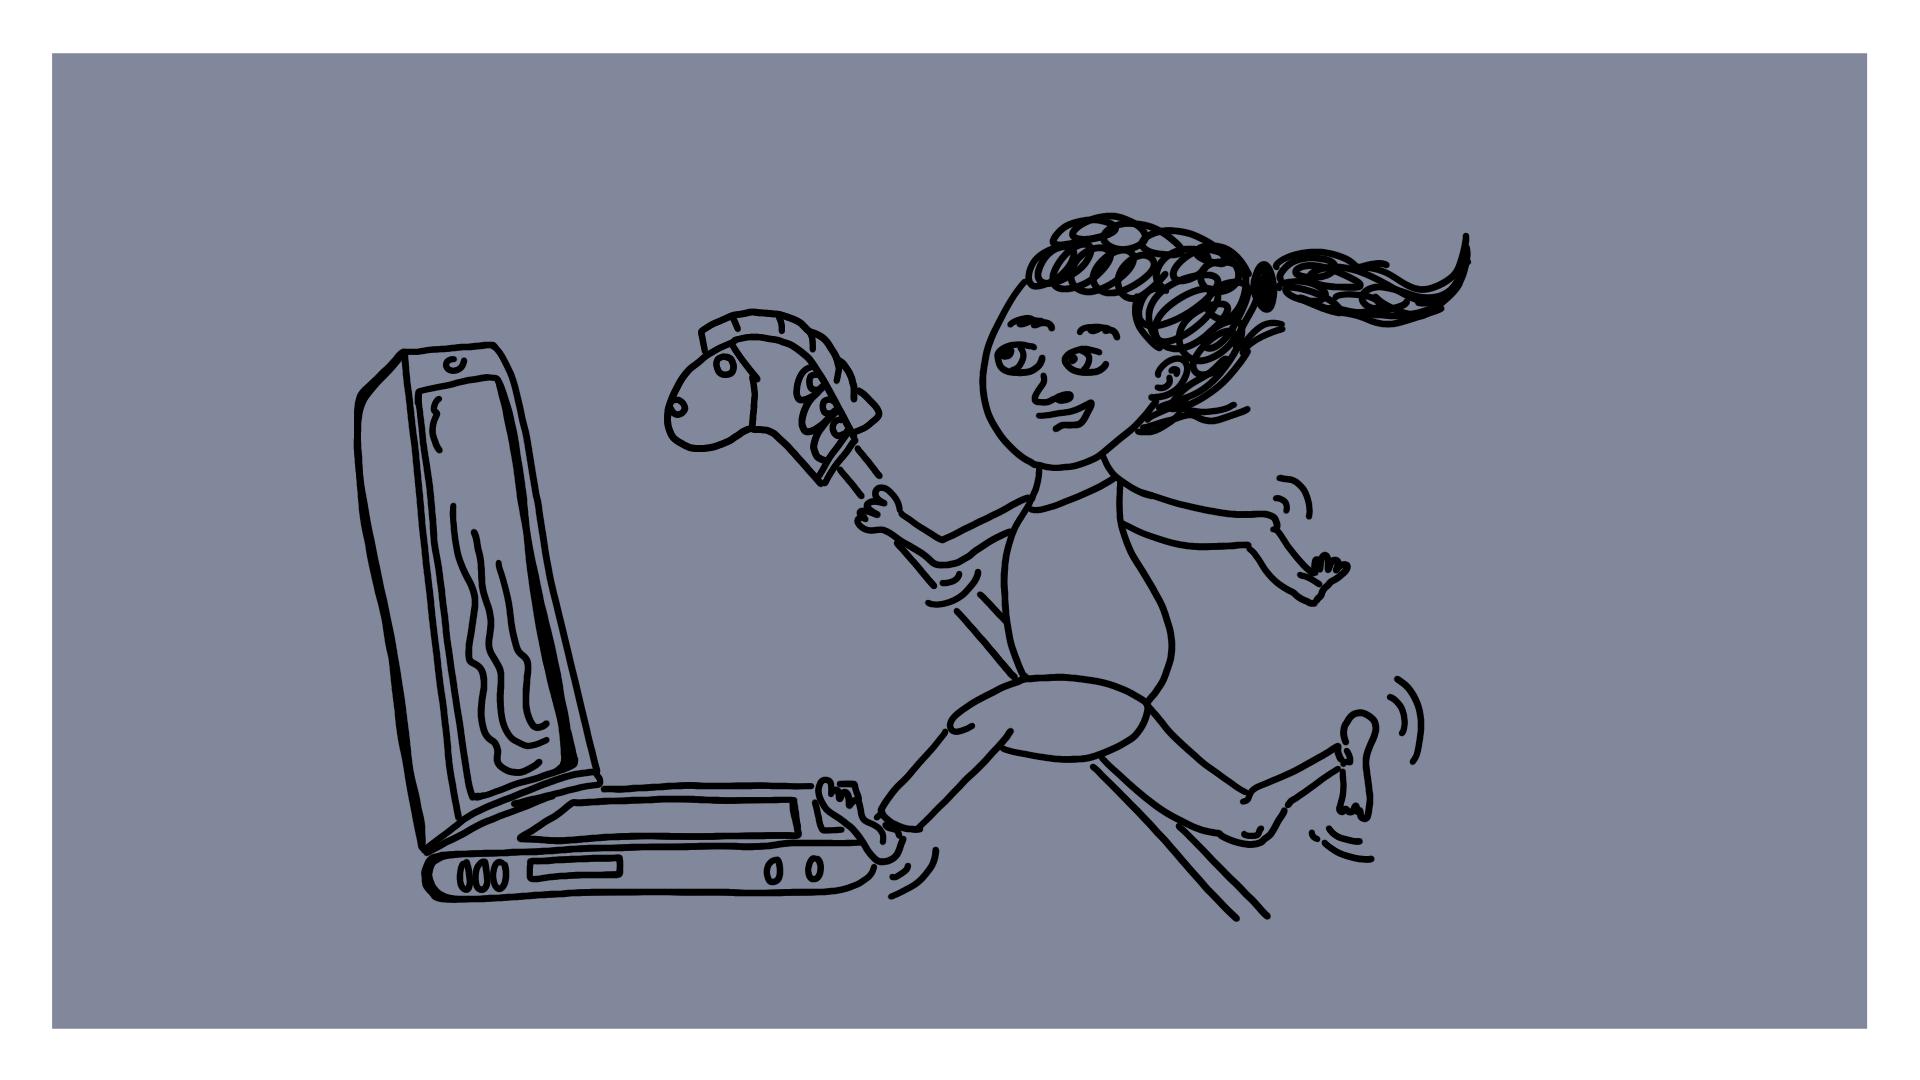 Beitragsbild - ein kleines Mädchen das auf einem Steckenpferd auf einen Laptop zurennt